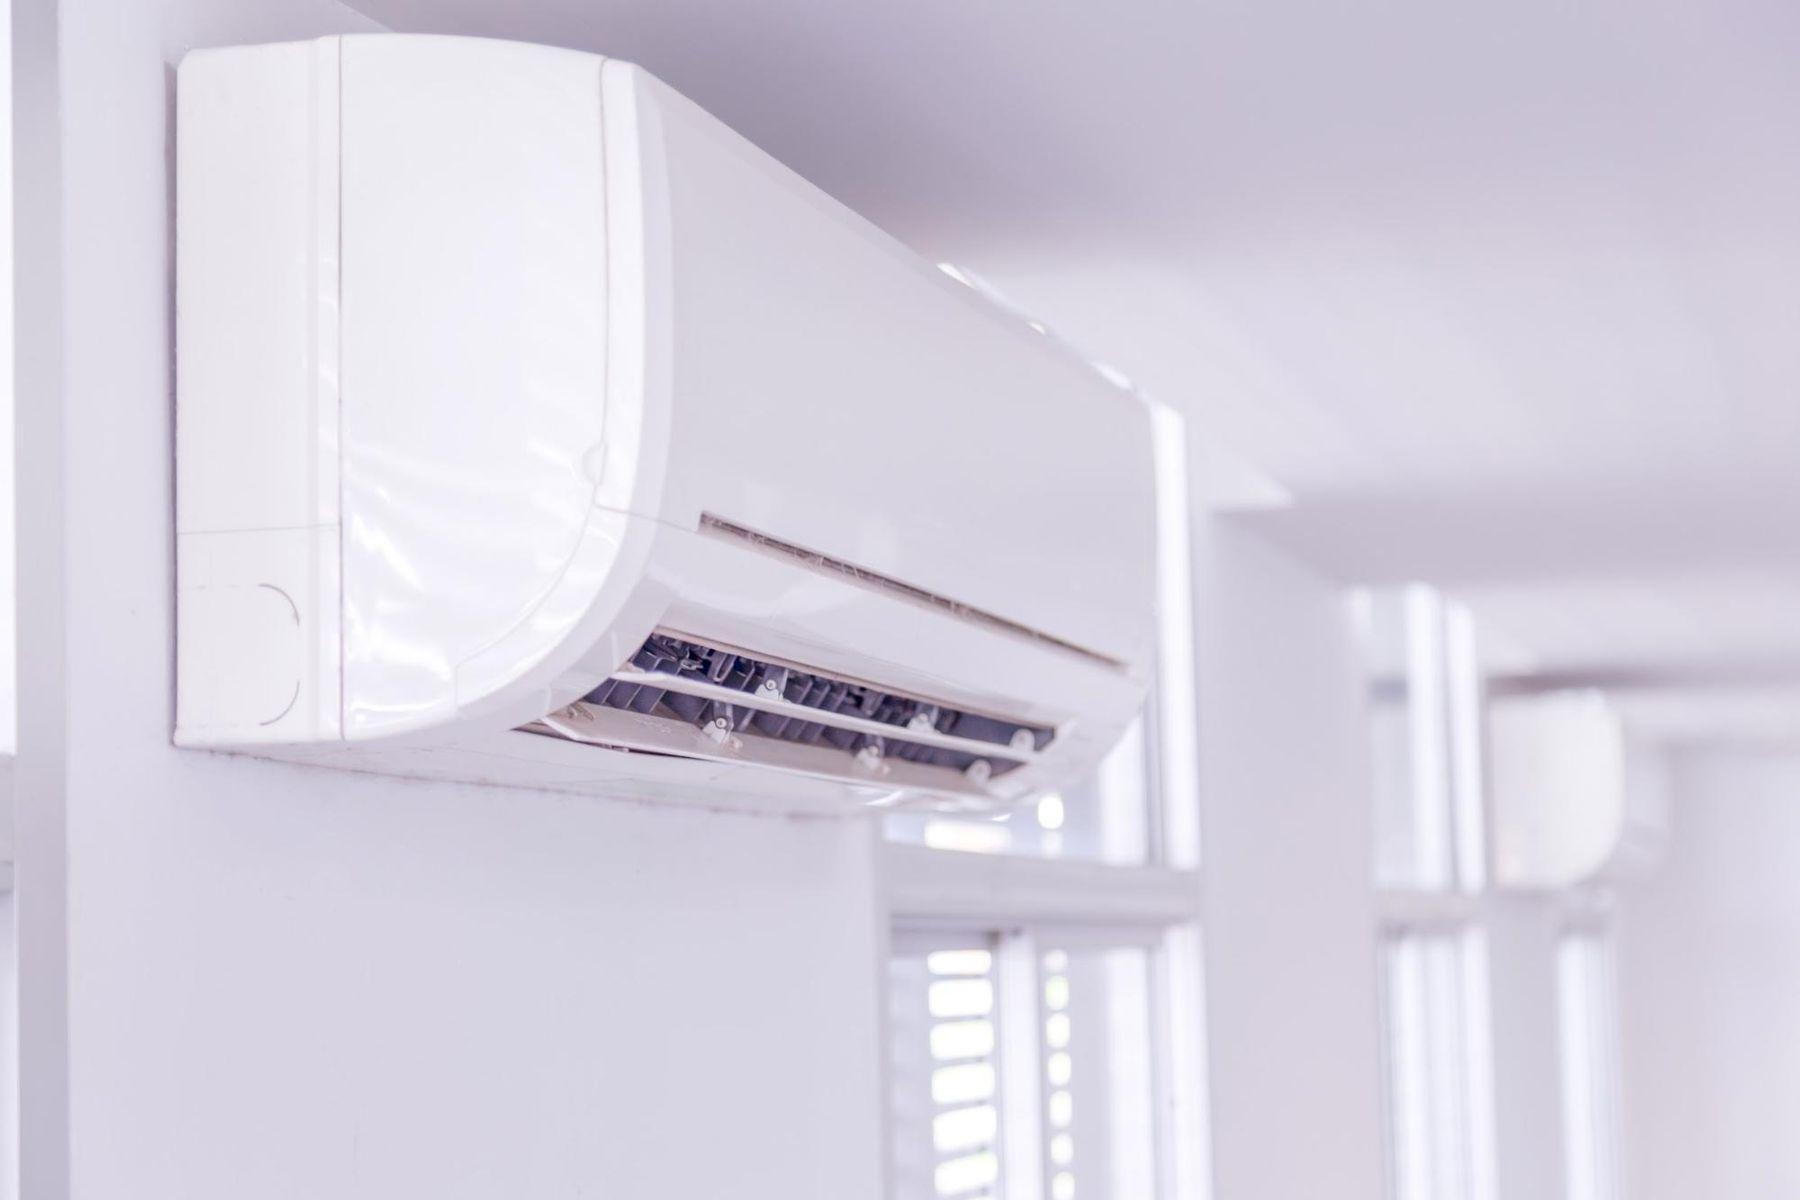 Ar condicionado split na parede em funcionamento